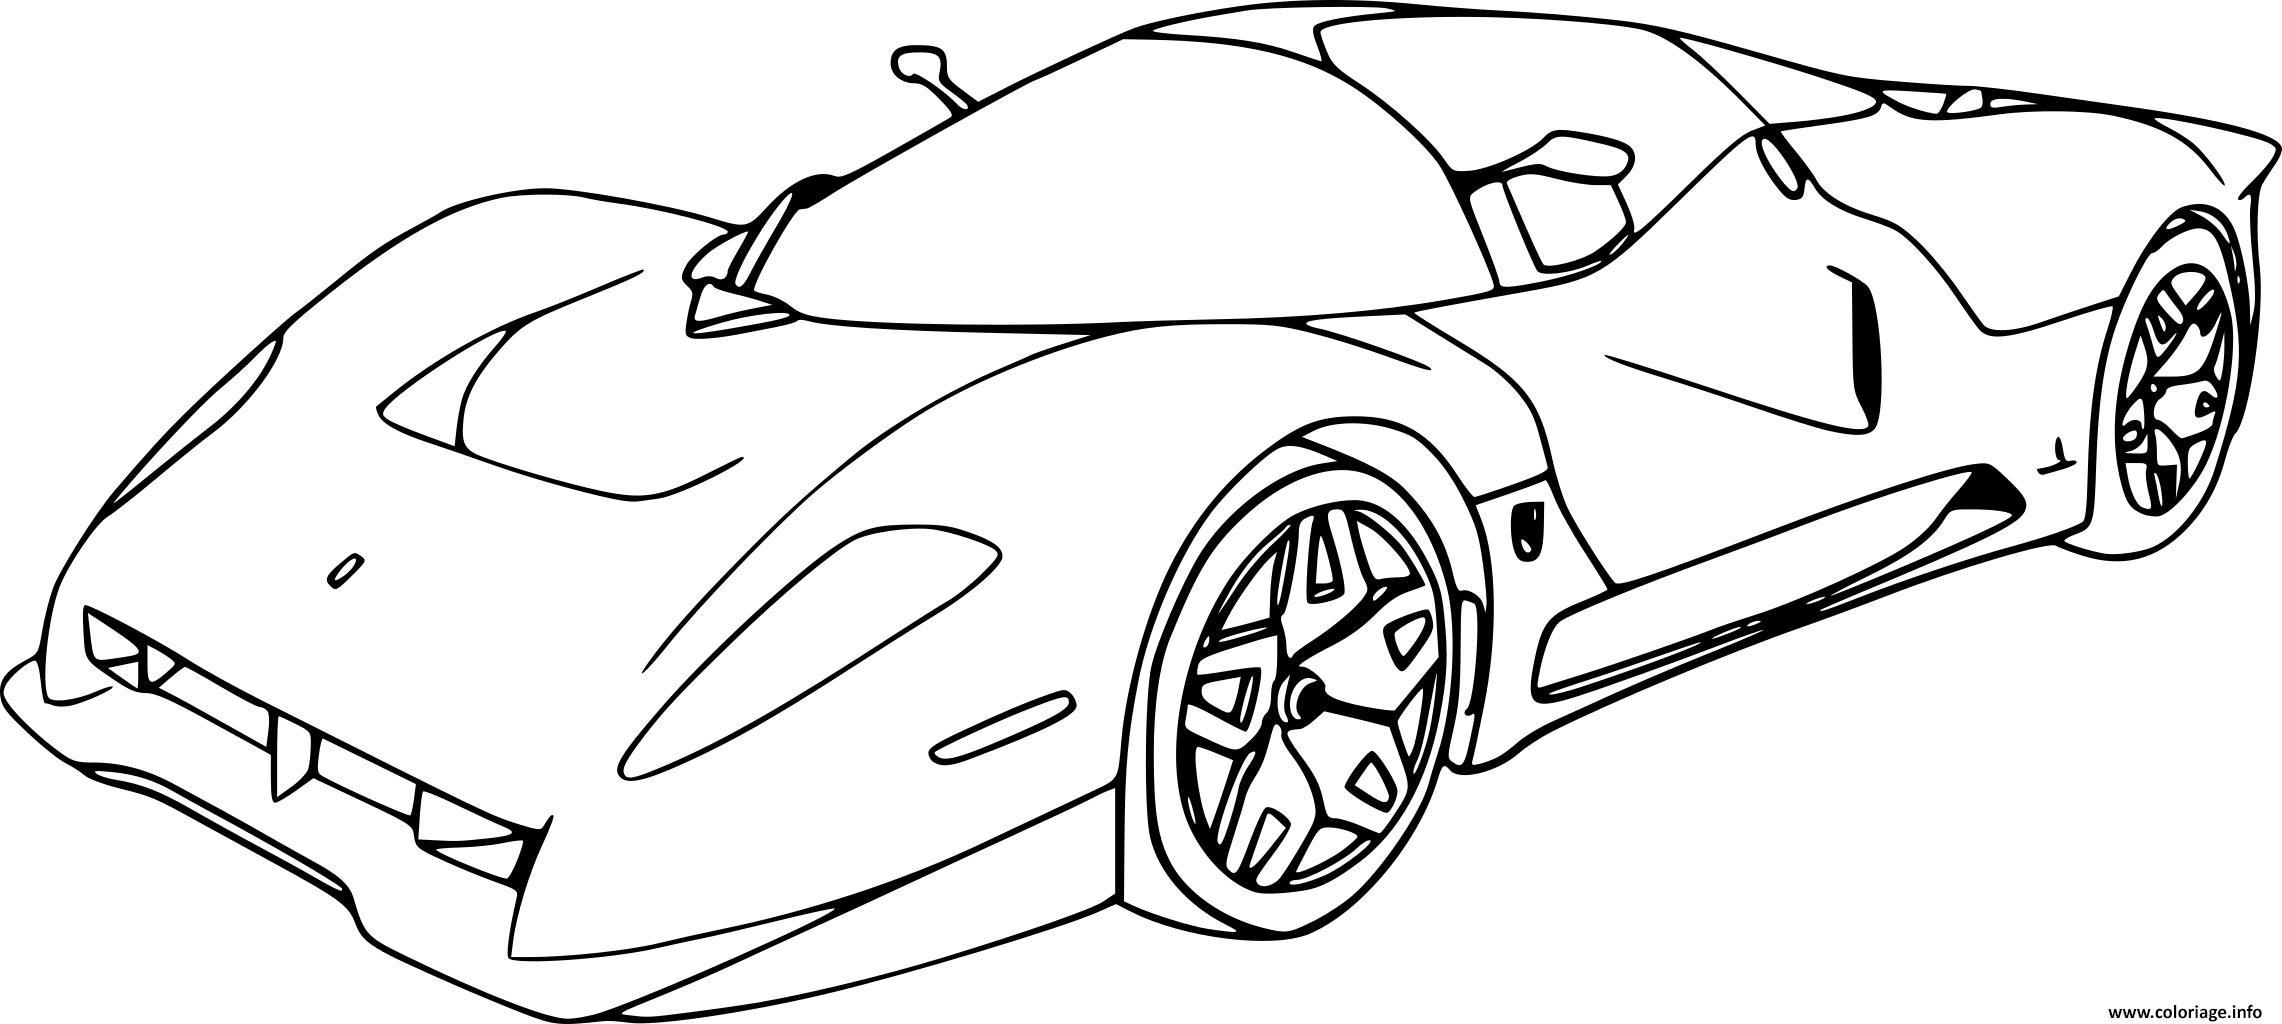 Coloriage nouvelle voiture ferrari course dessin - Dessins de moto a colorier et imprimer ...